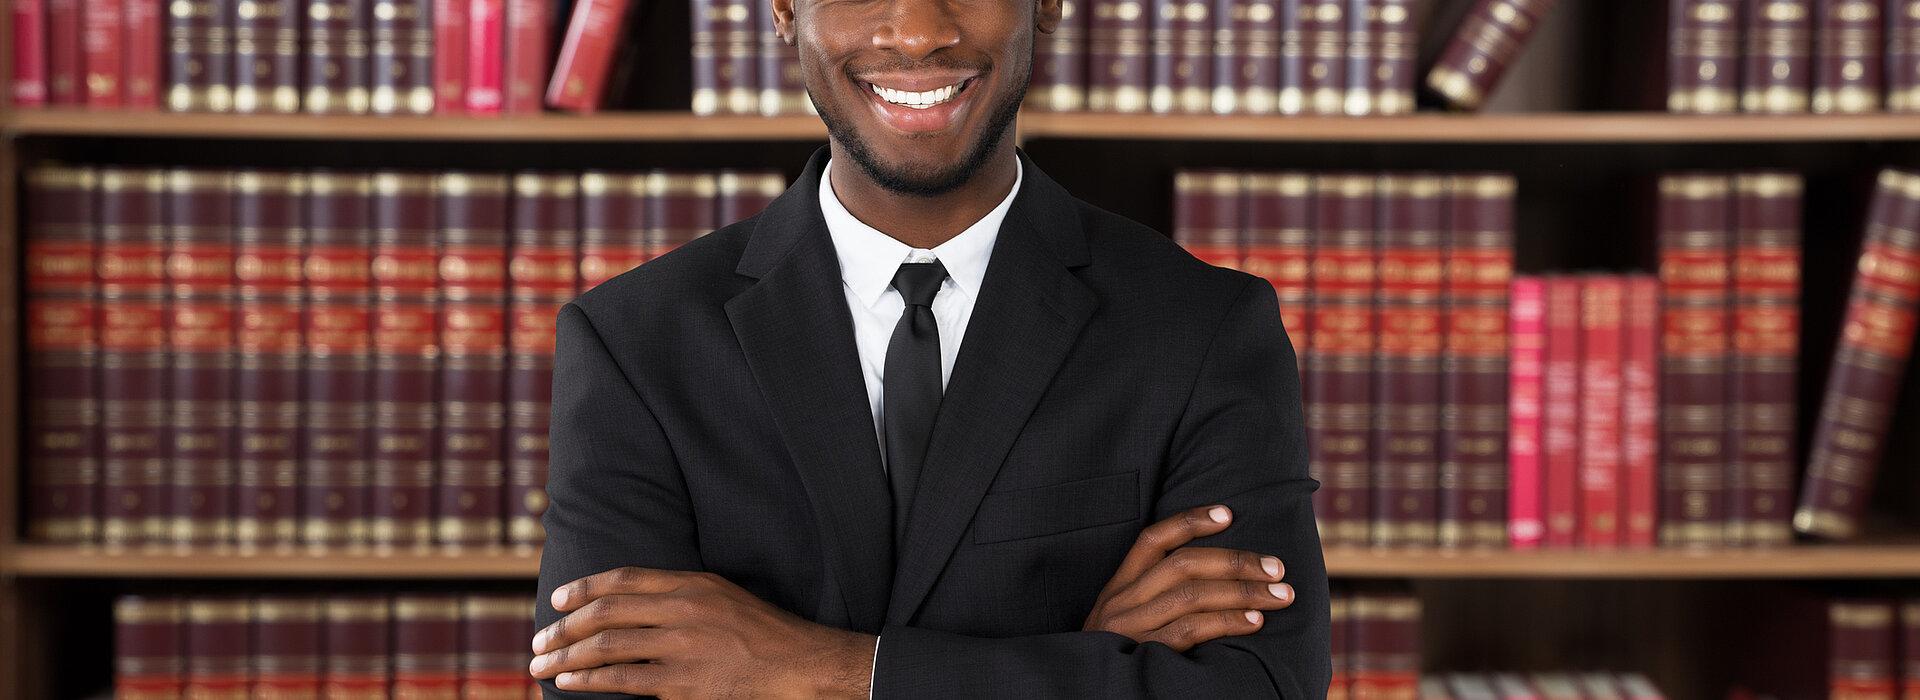 homem sorrindo de braços cruzados em frente uma estante de livros